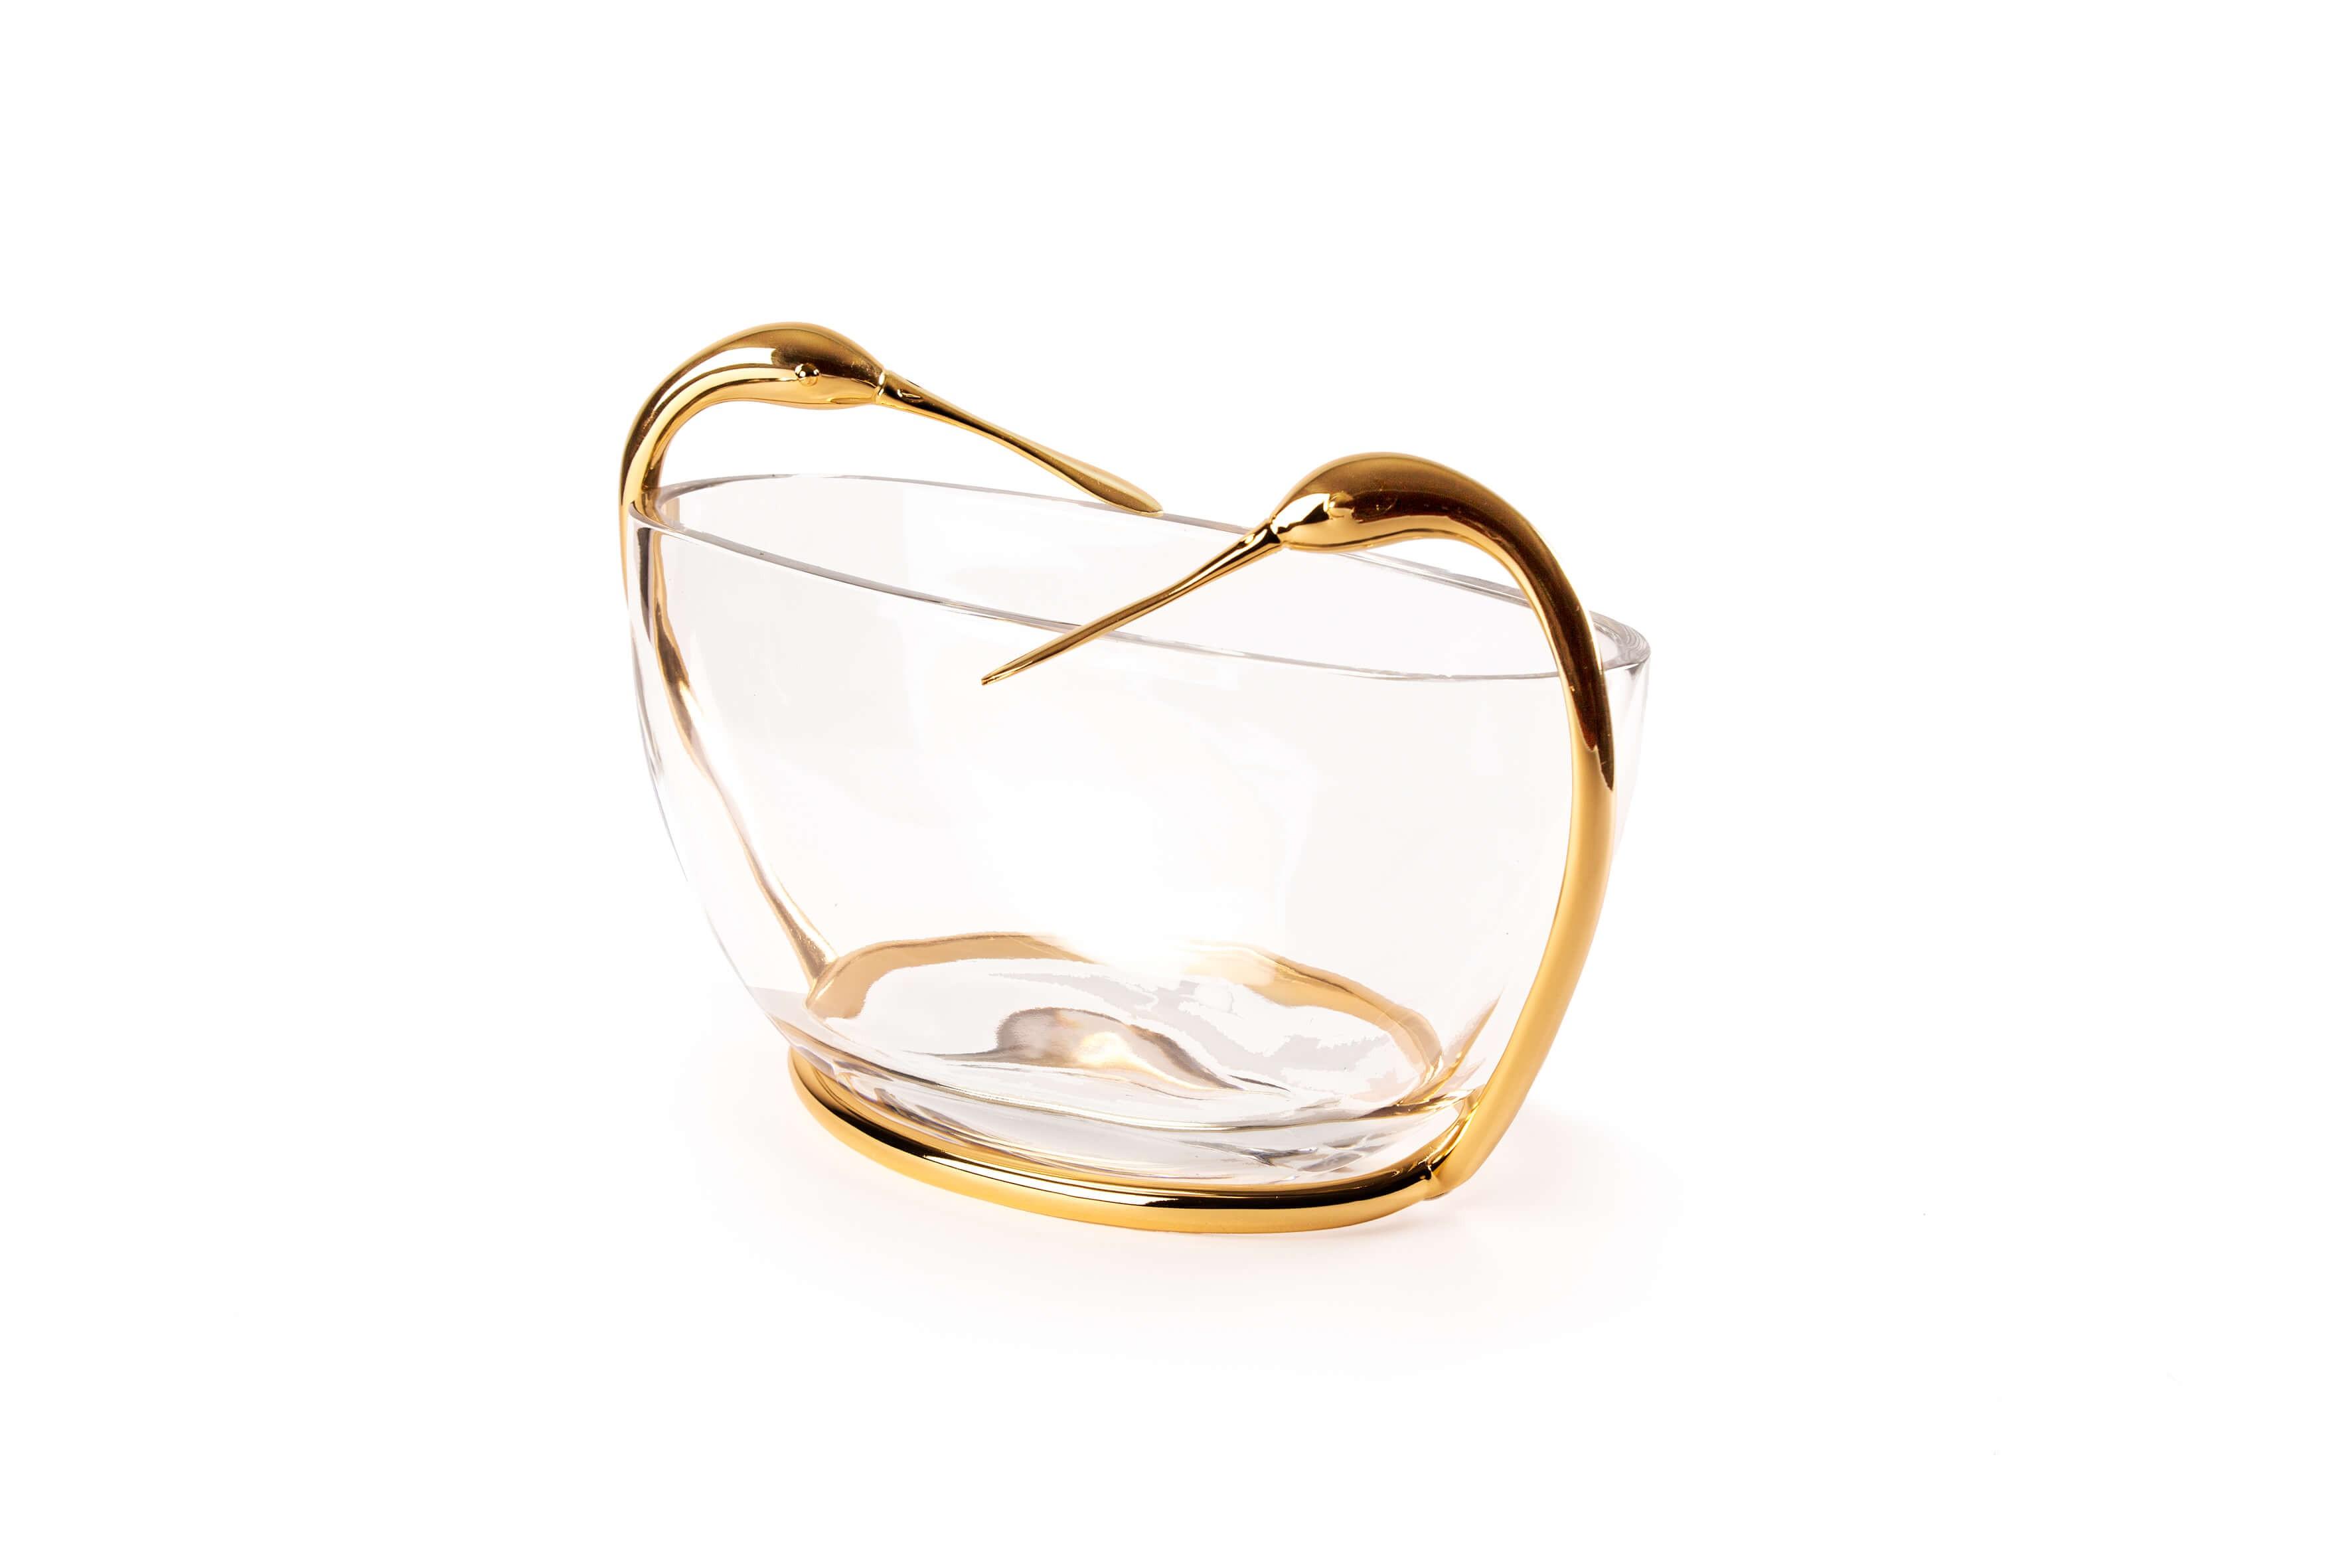 Table d'entrée ronde en verre et métal doré - TB3600-1